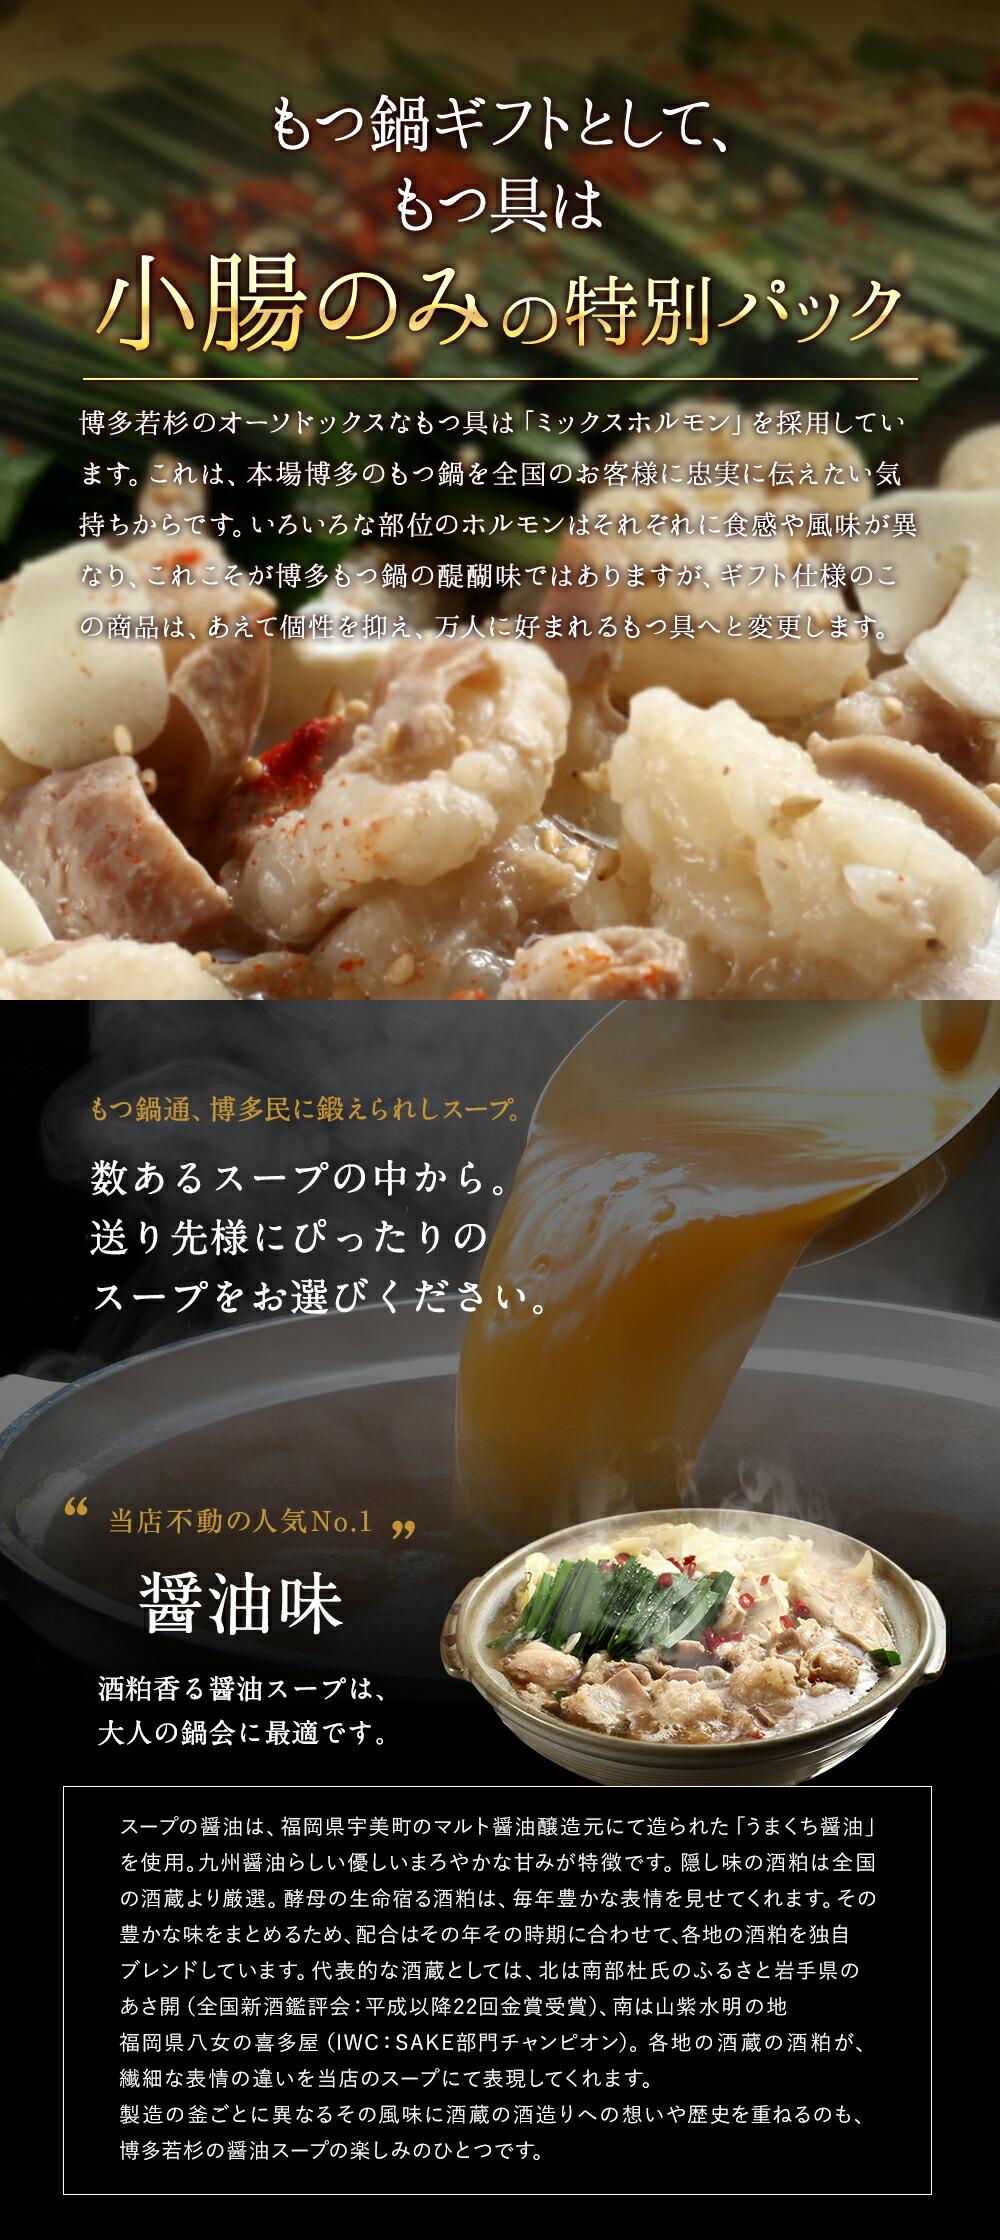 もつ鍋こってり味噌味の説明